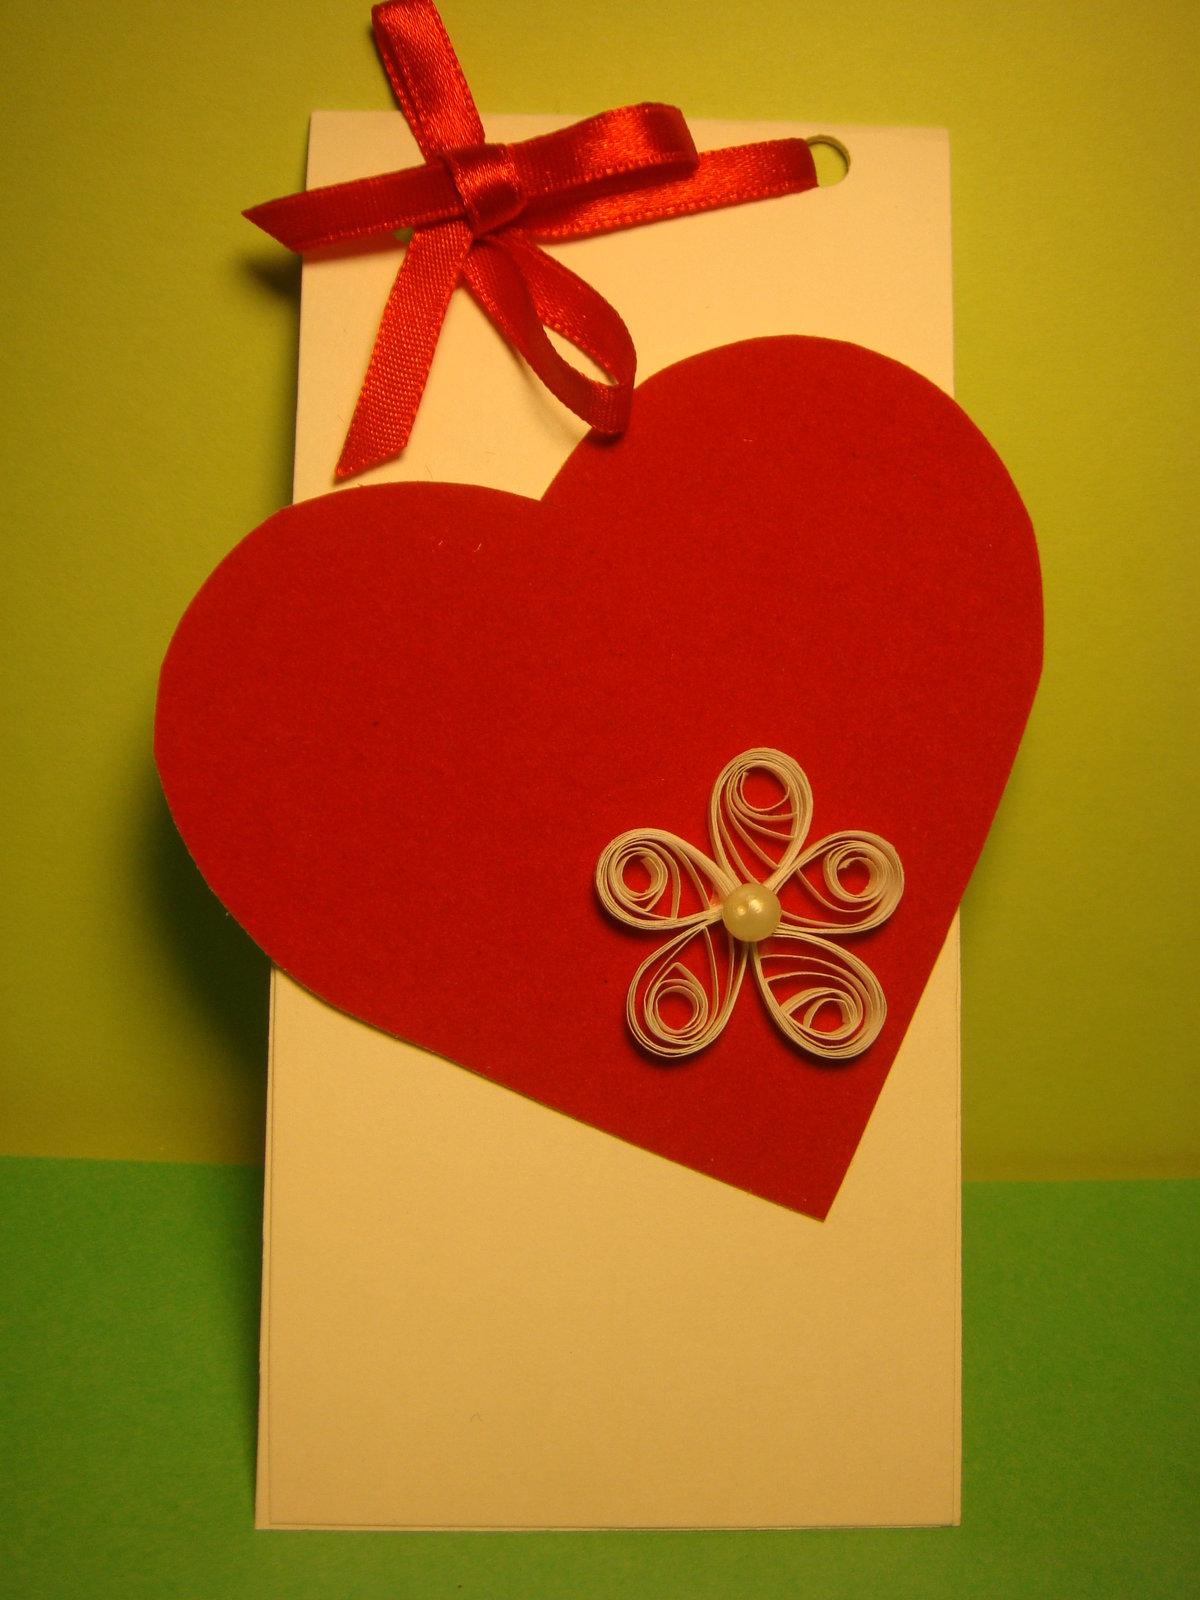 Юбилеем, как сделать подарок открытку